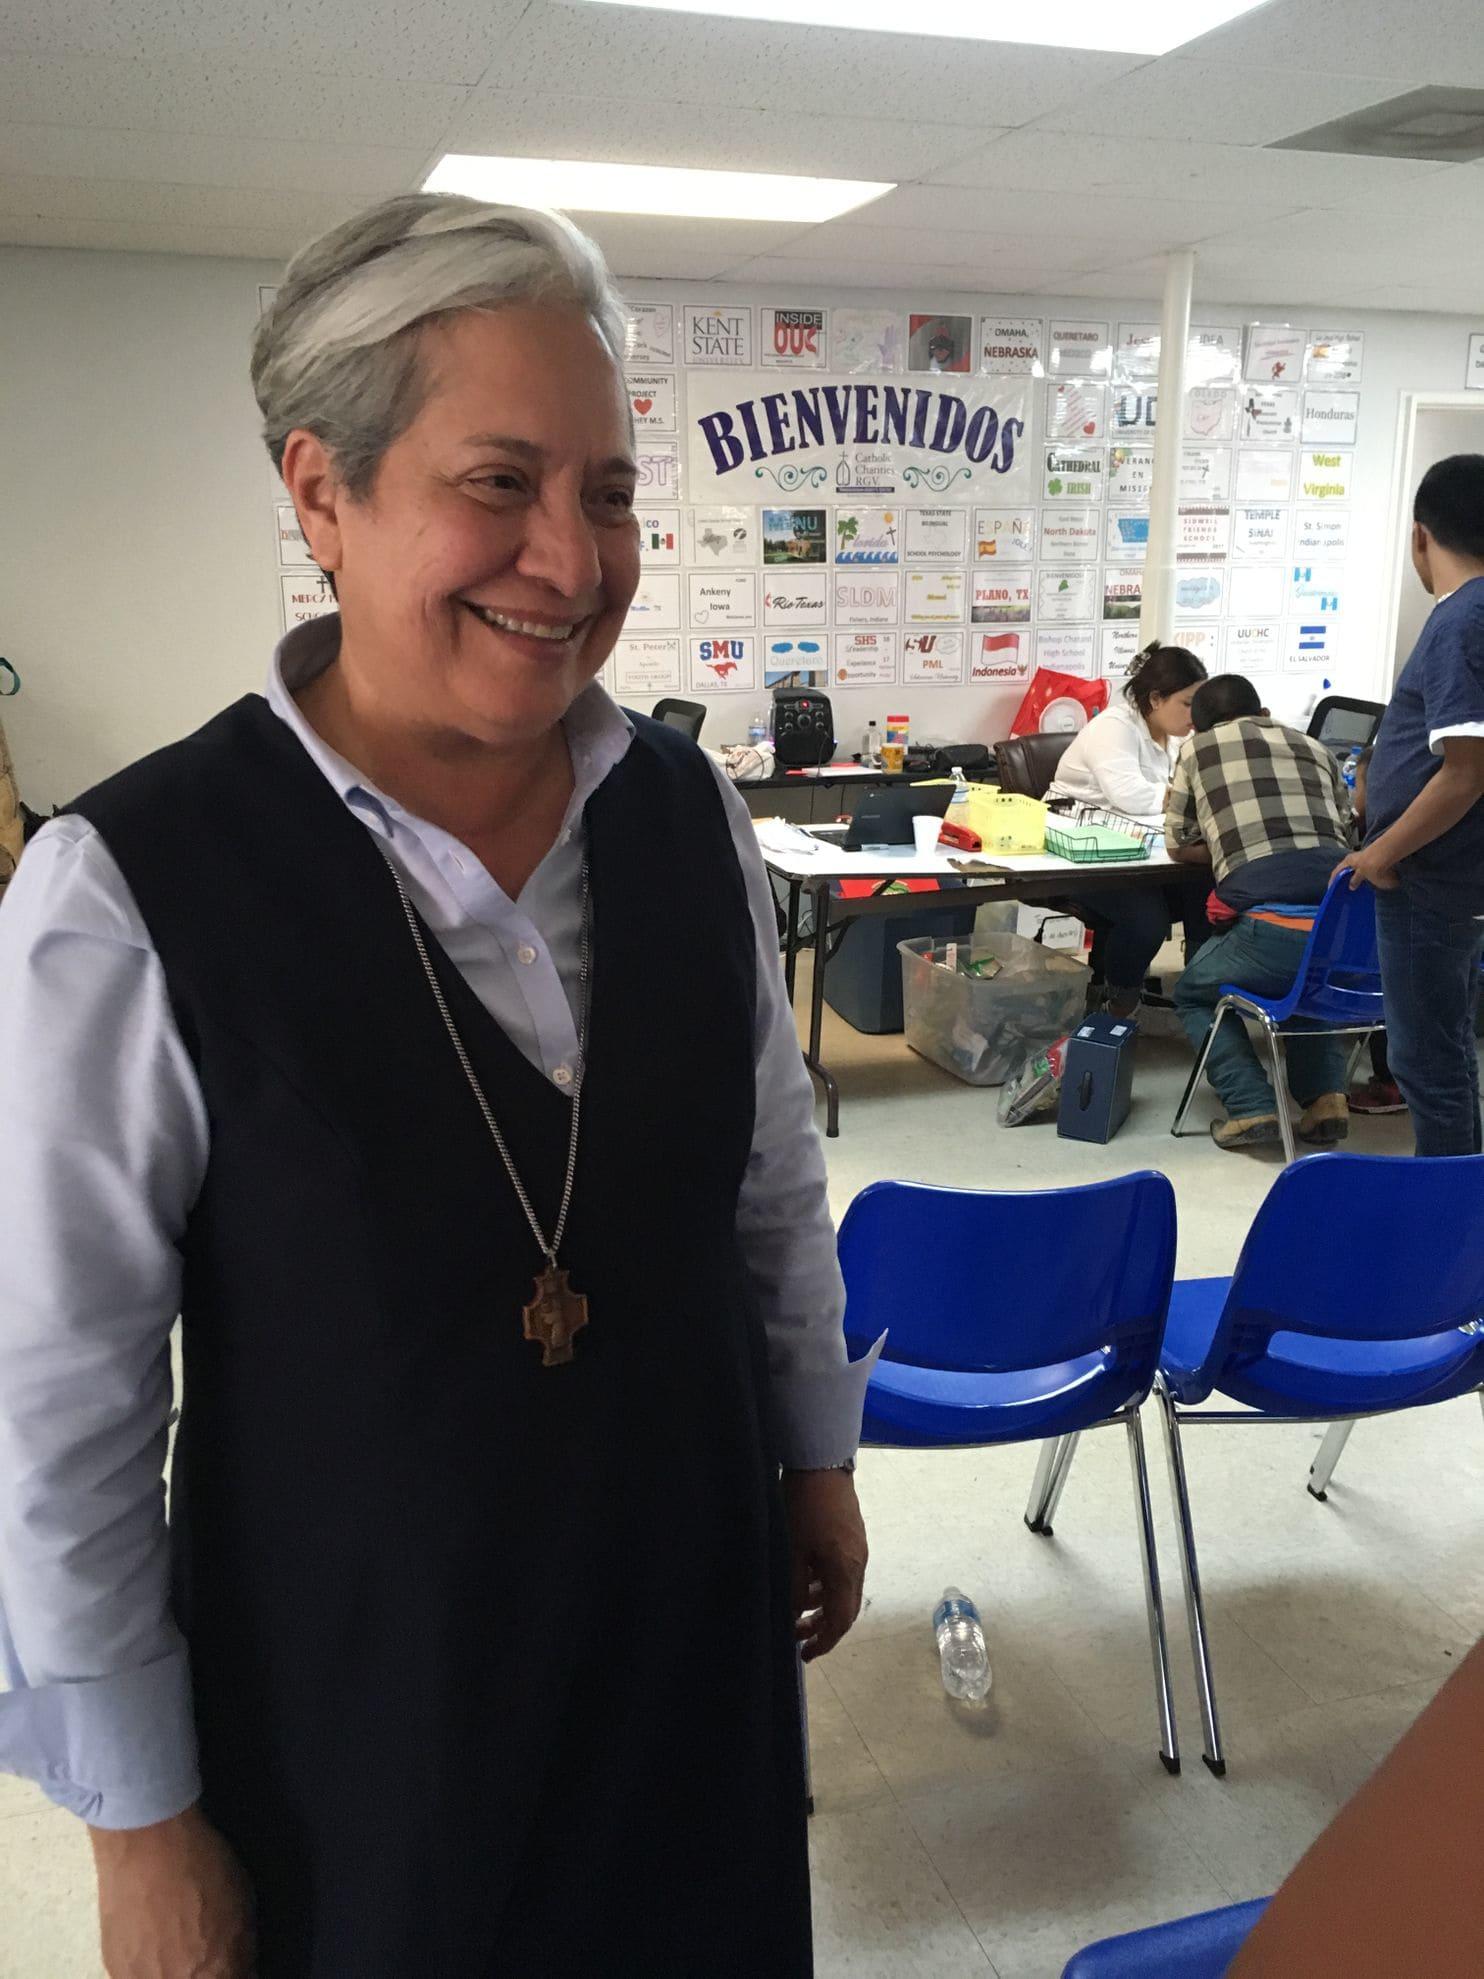 Sister Norma Pimentel -